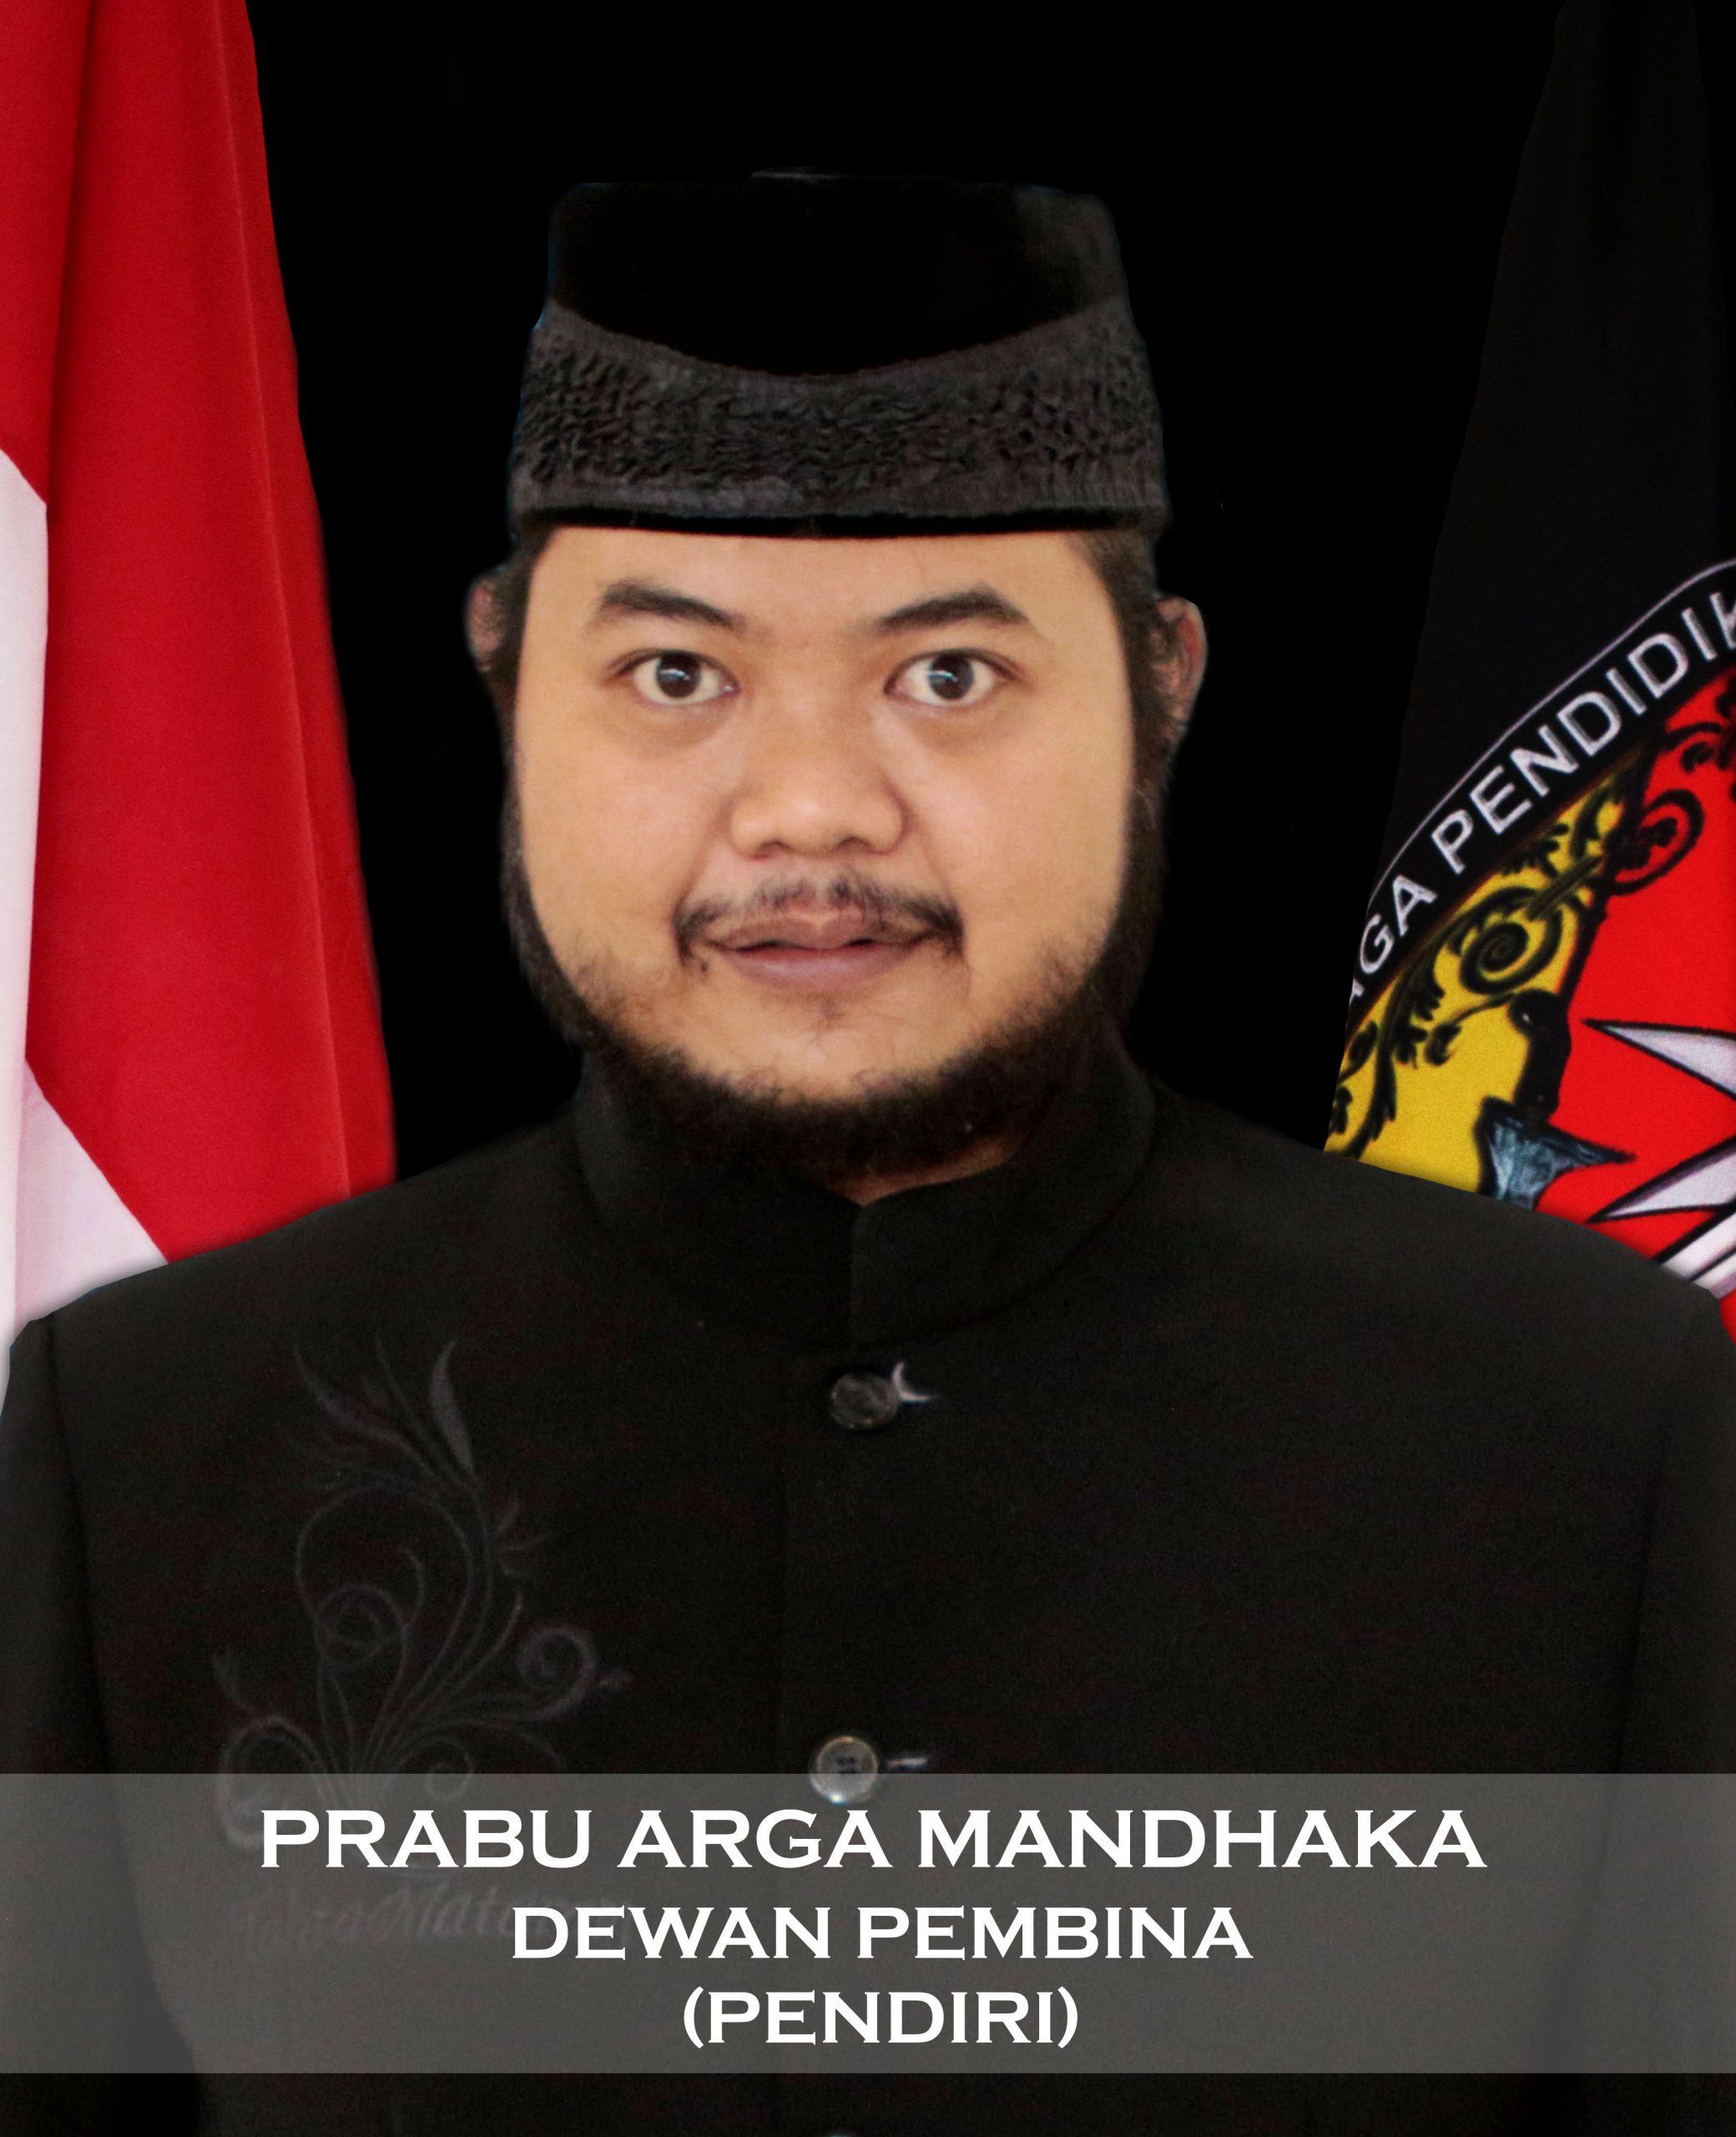 Ki Prabu